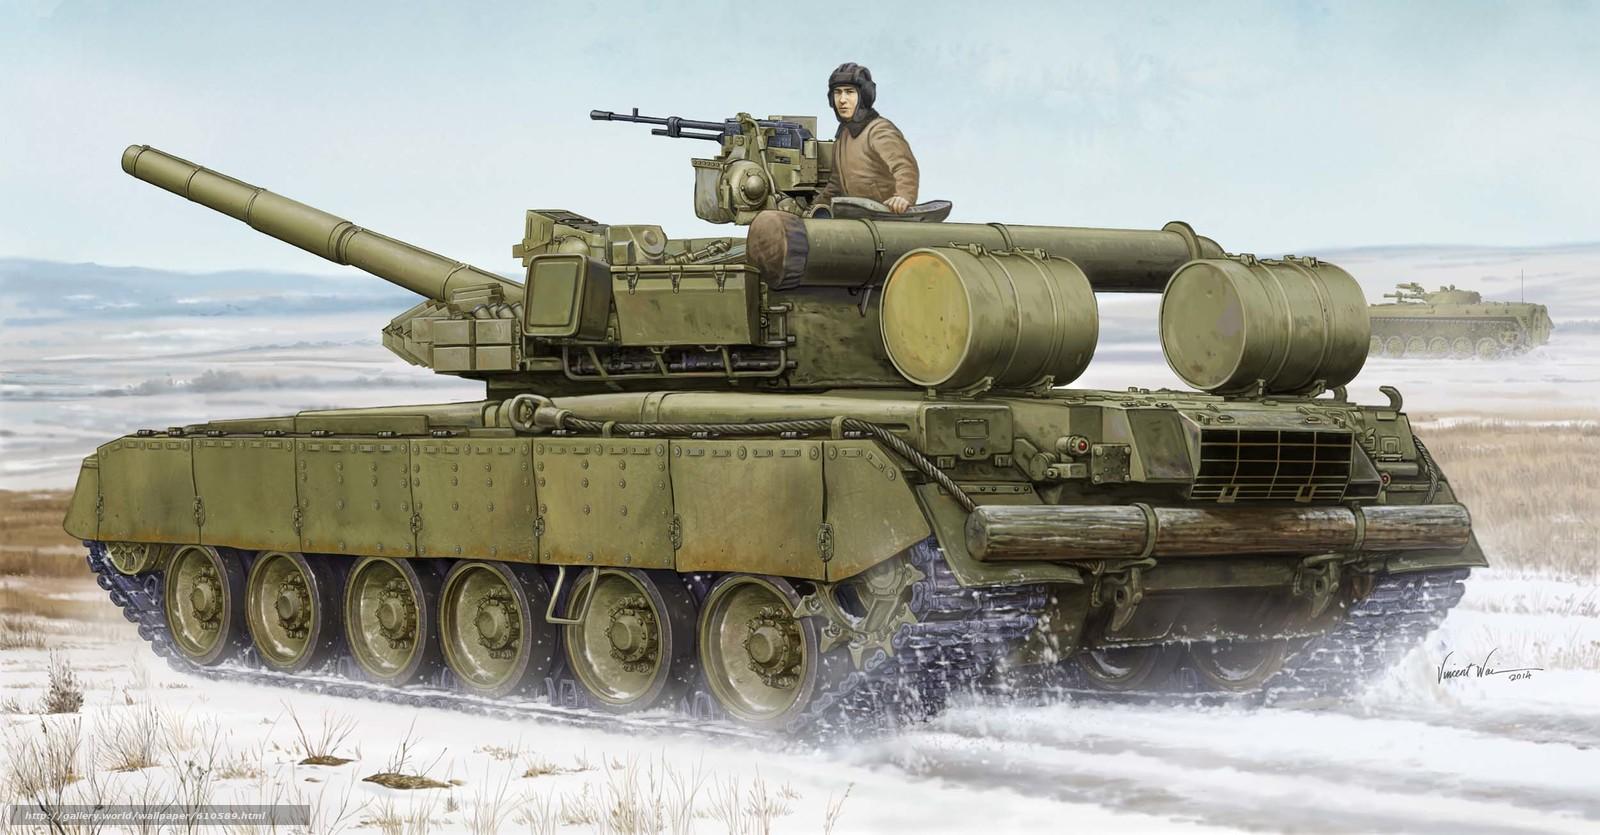 арт, Танк, Танкист, Зима, Россия, Т-80 БВД